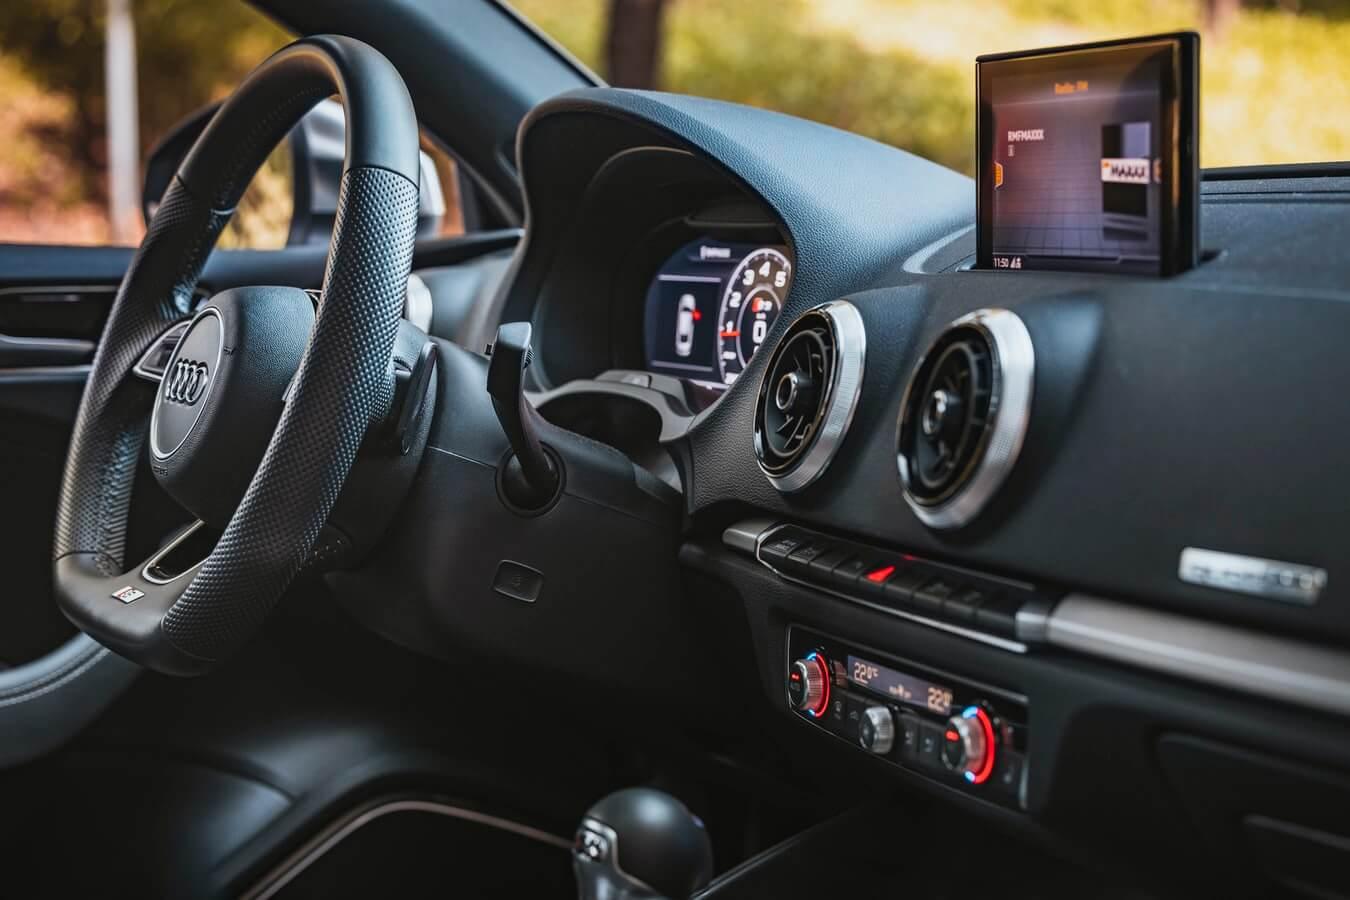 Imagem mostra o interior de um veículo